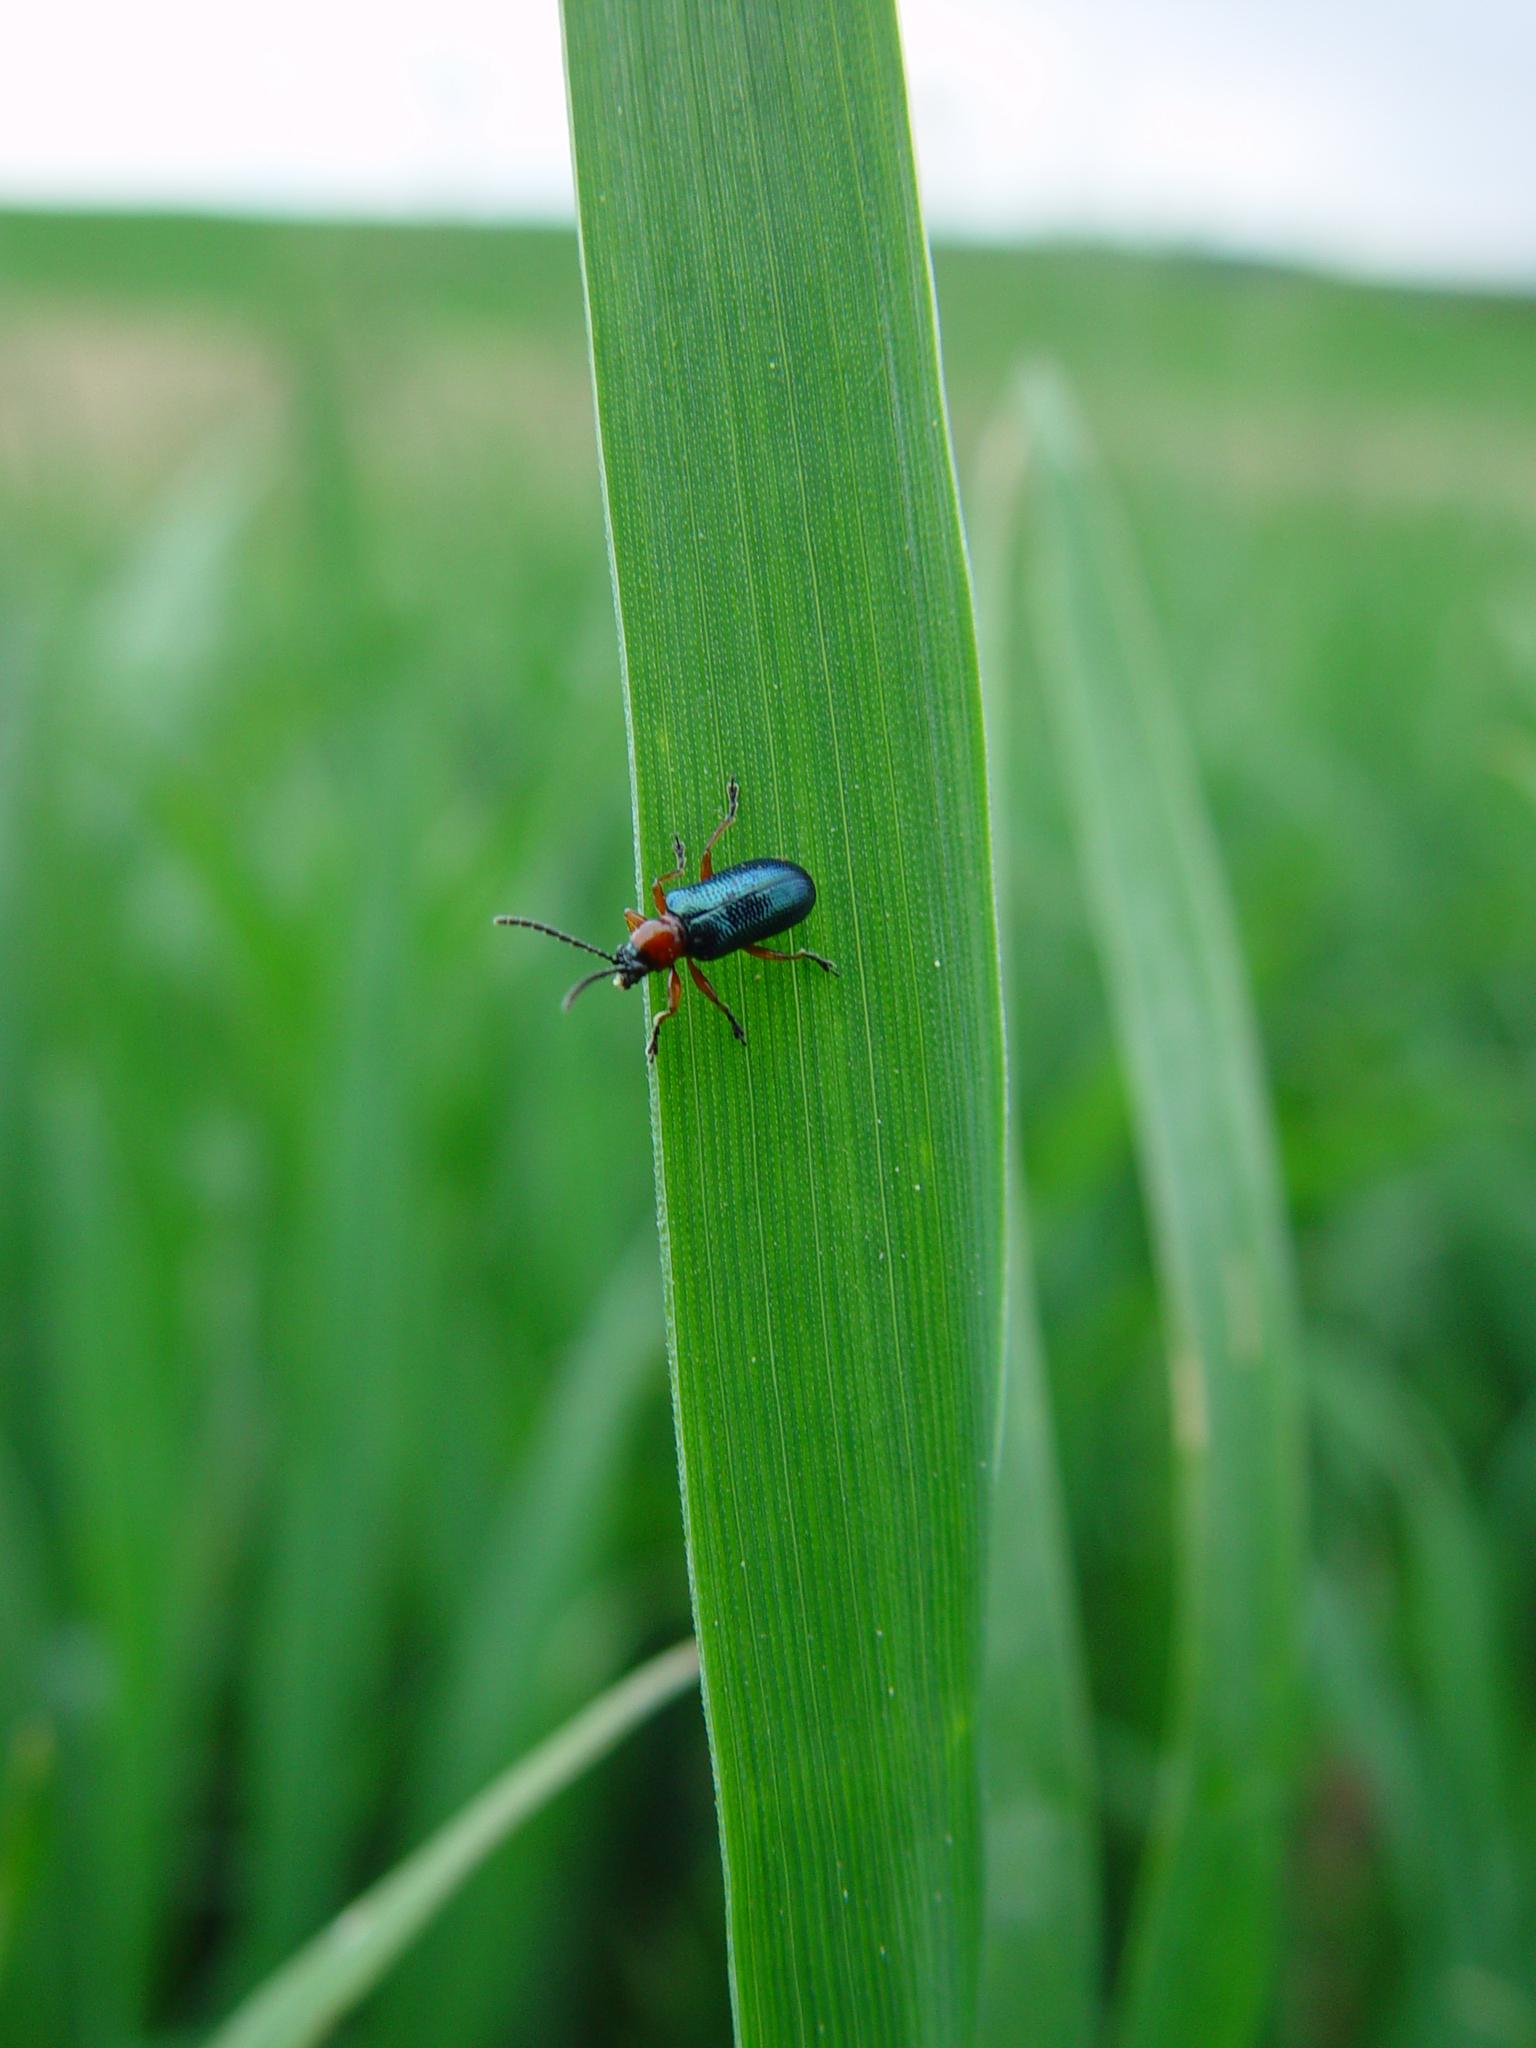 Erwachsener Käfer des Getreidehähnchens. Obwohl auch sie an den Blättern knabbern können, entsteht der Schaden durch die Larven.